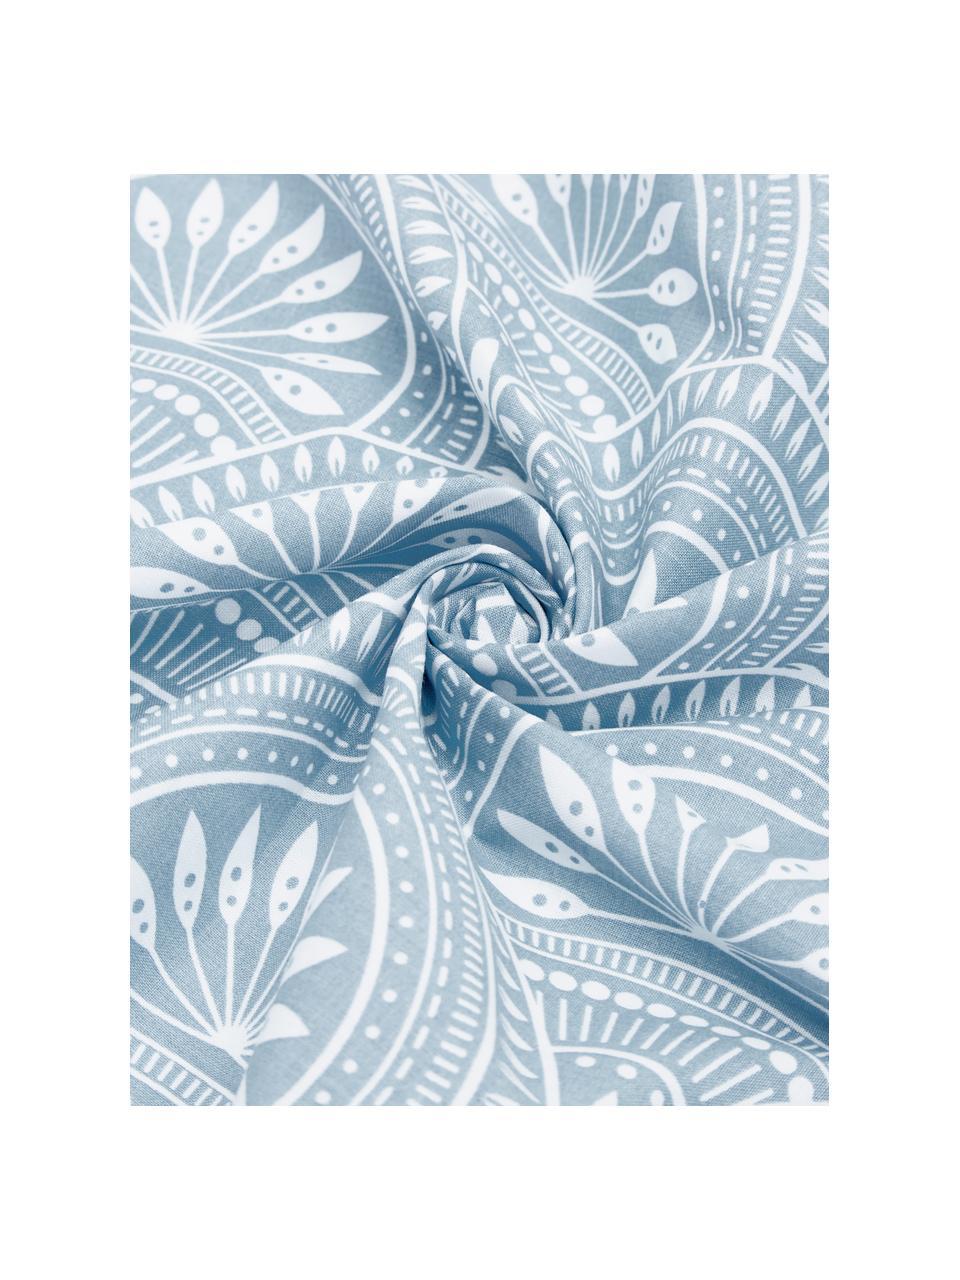 Gemusterte Wendekissenbezüge Poliana aus Bio-Baumwolle, 2 Stück, Webart: Renforcé Fadendichte 180 , Blau, Weiß, 40 x 80 cm